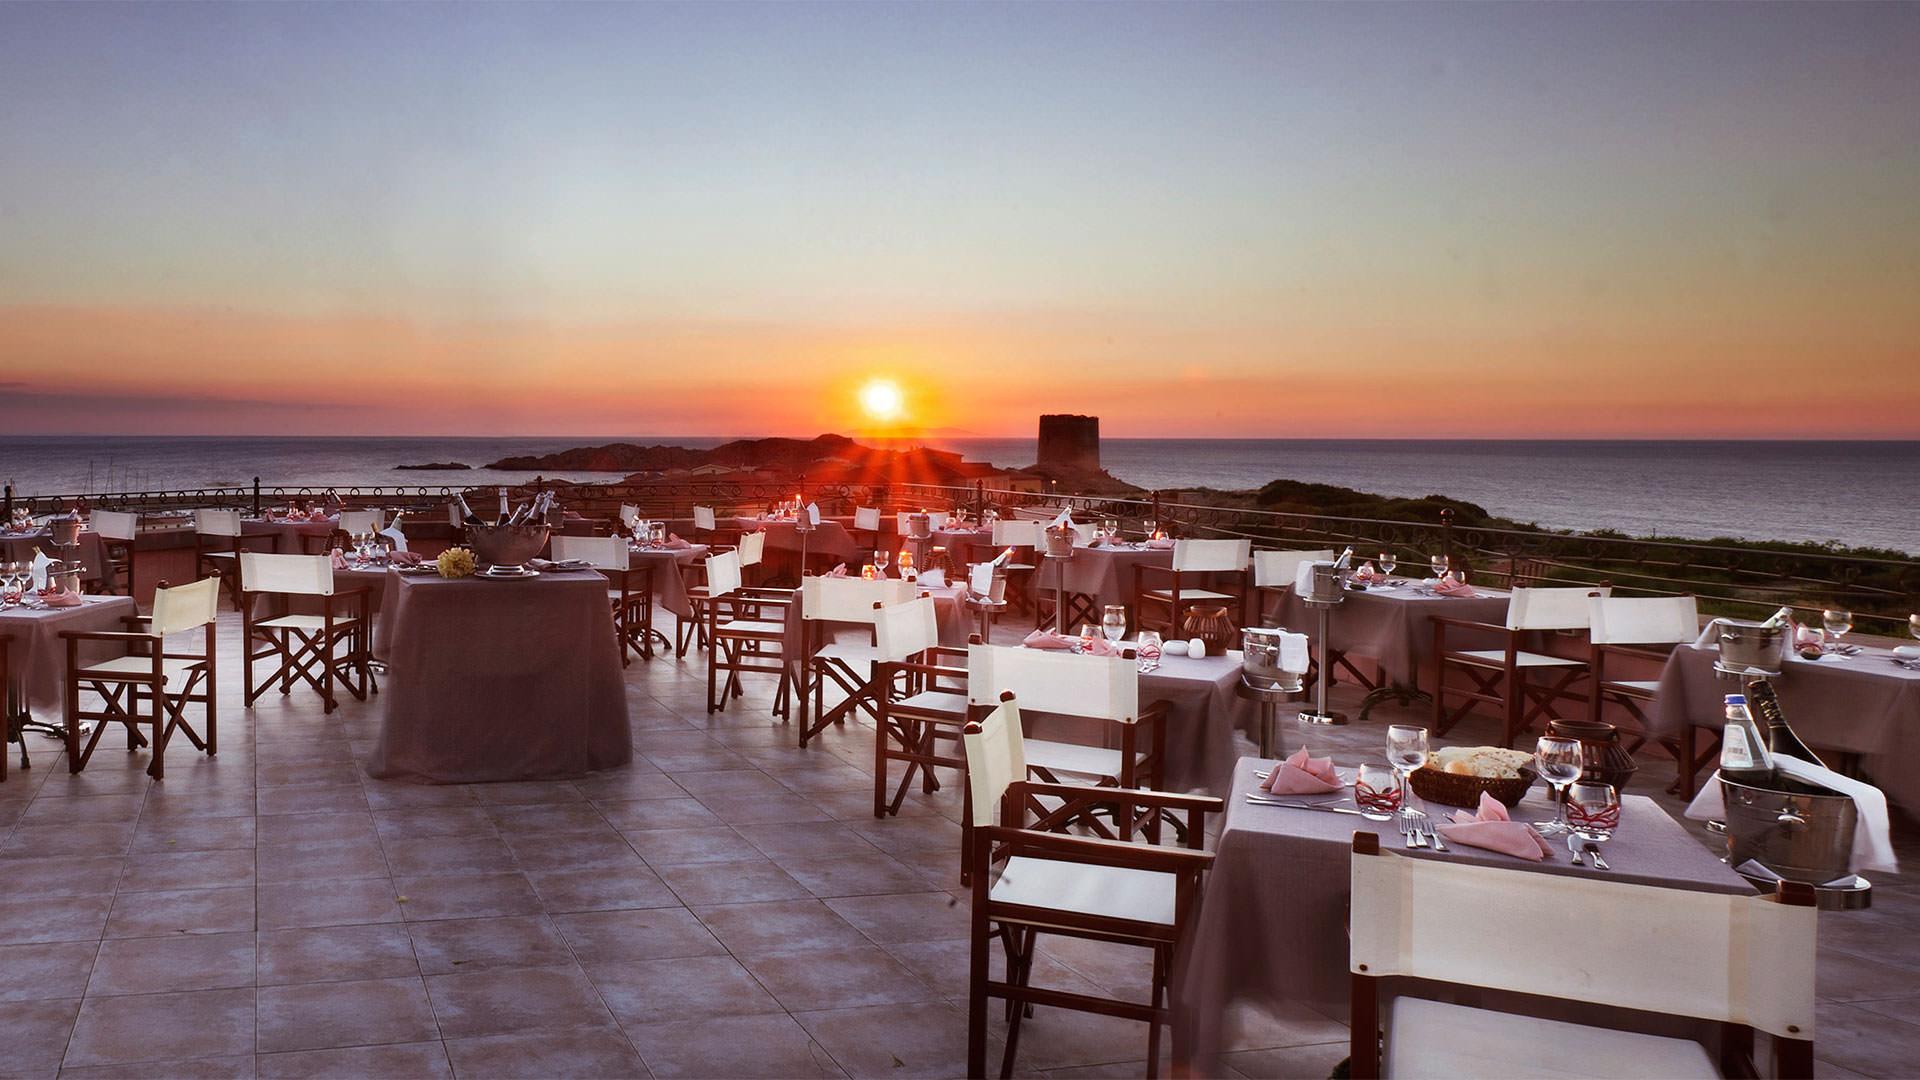 hotel-torreruja-isola-rossa-ristorante-tramonto-mare-mini